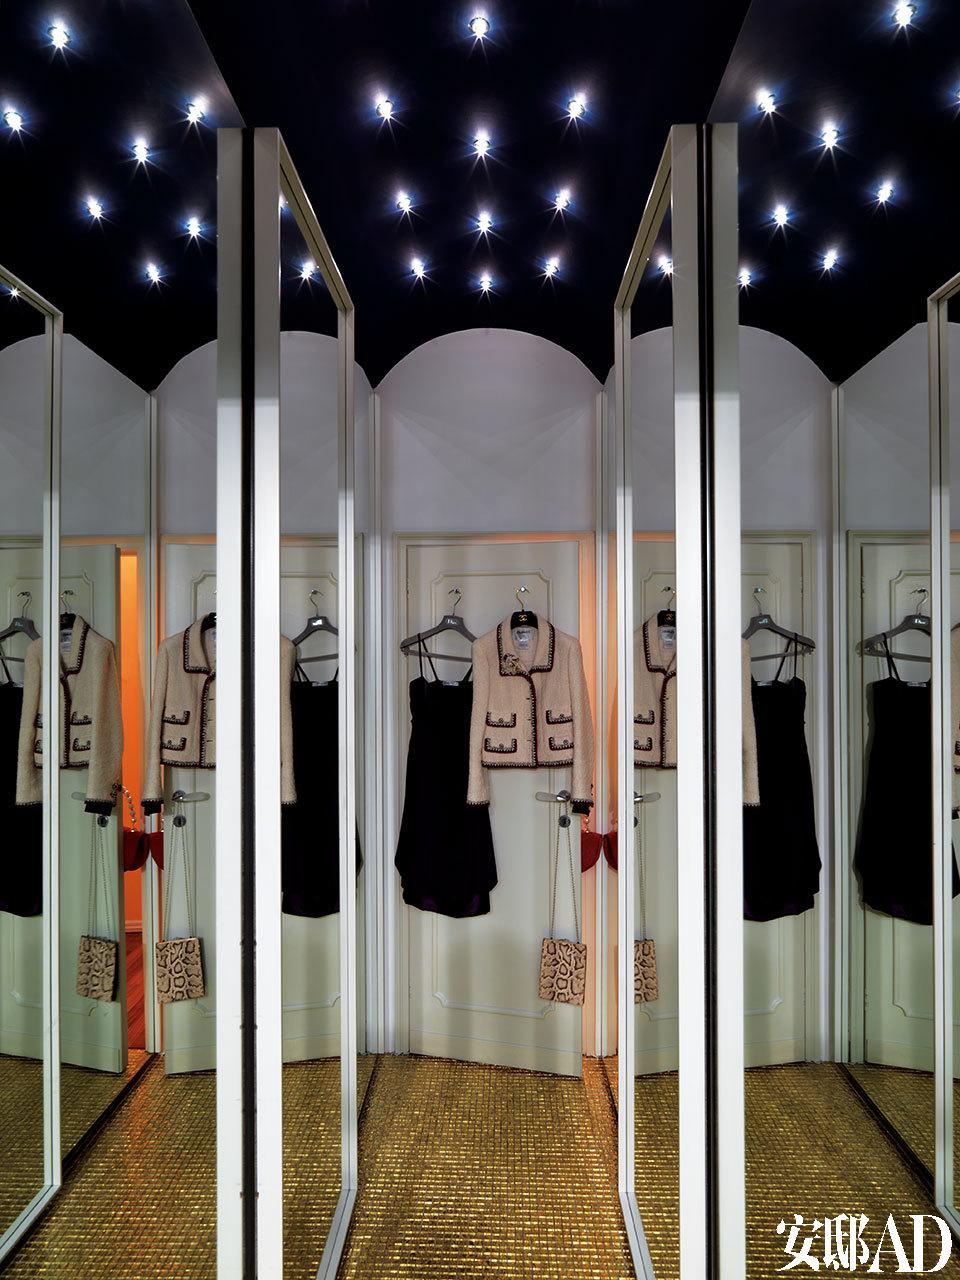 Rossella 的衣帽间,门后挂着她最爱的Chanel优雅外套,地面上铺着Bisazza设计的金色马赛克Oro,这也是Bisazza最贵的一款商品,是用24K纯金打造的。